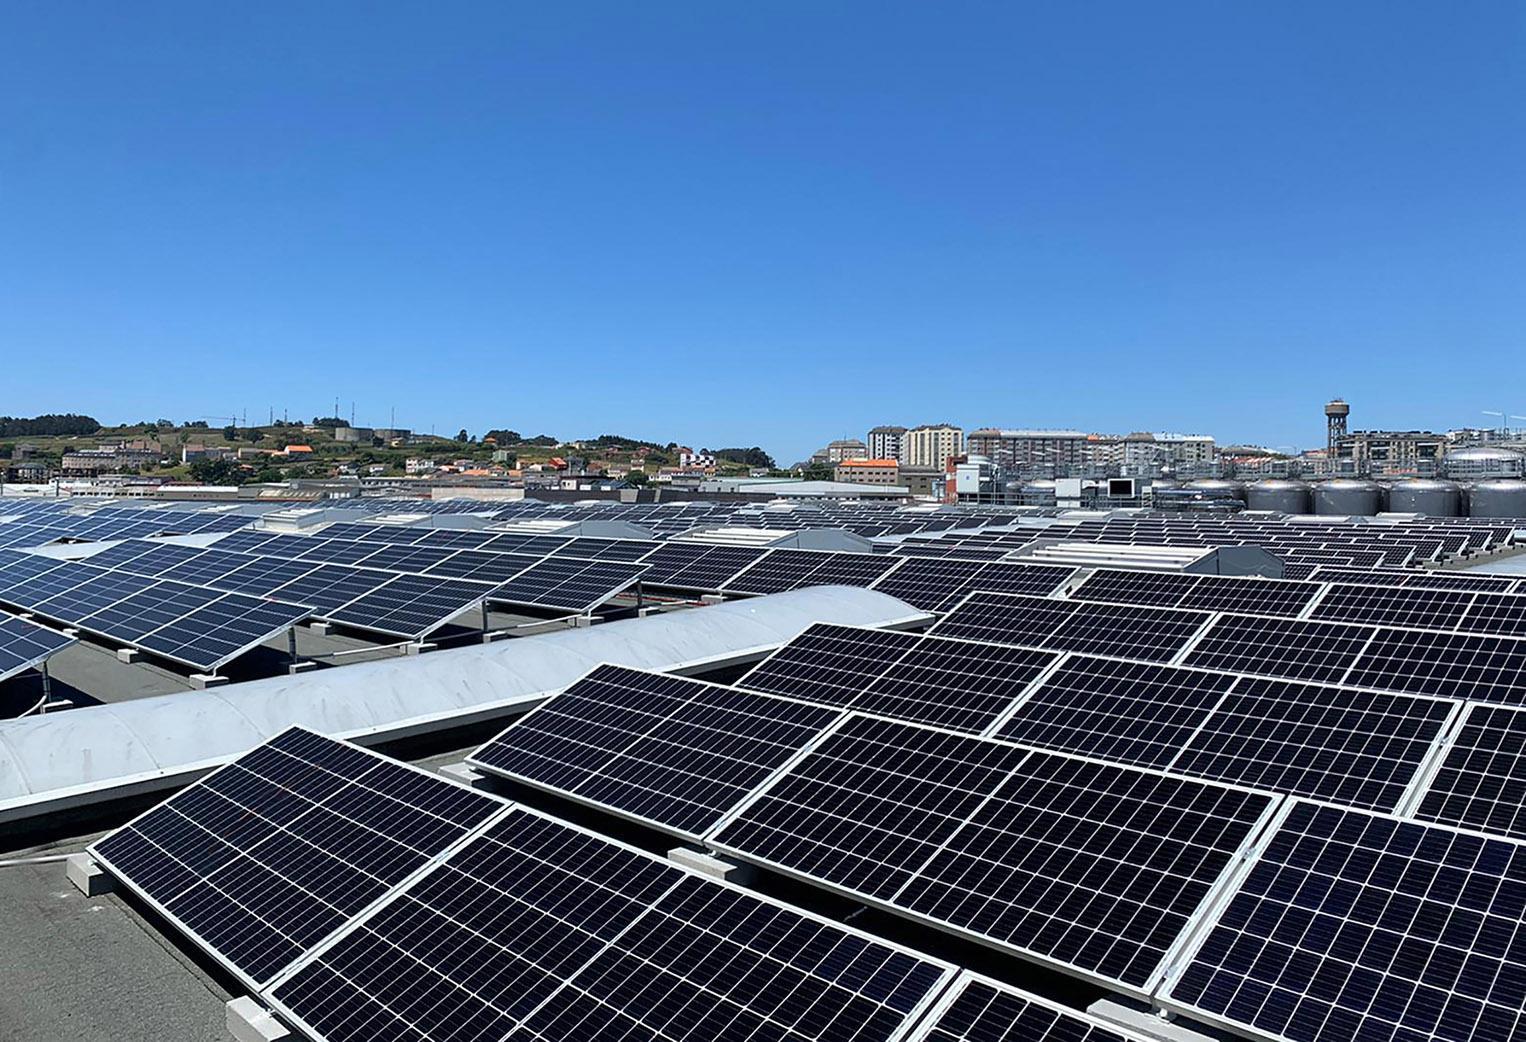 Eidf Solar desarrolla una instalación de autoconsumo fotovoltaico para Estrella Galicia